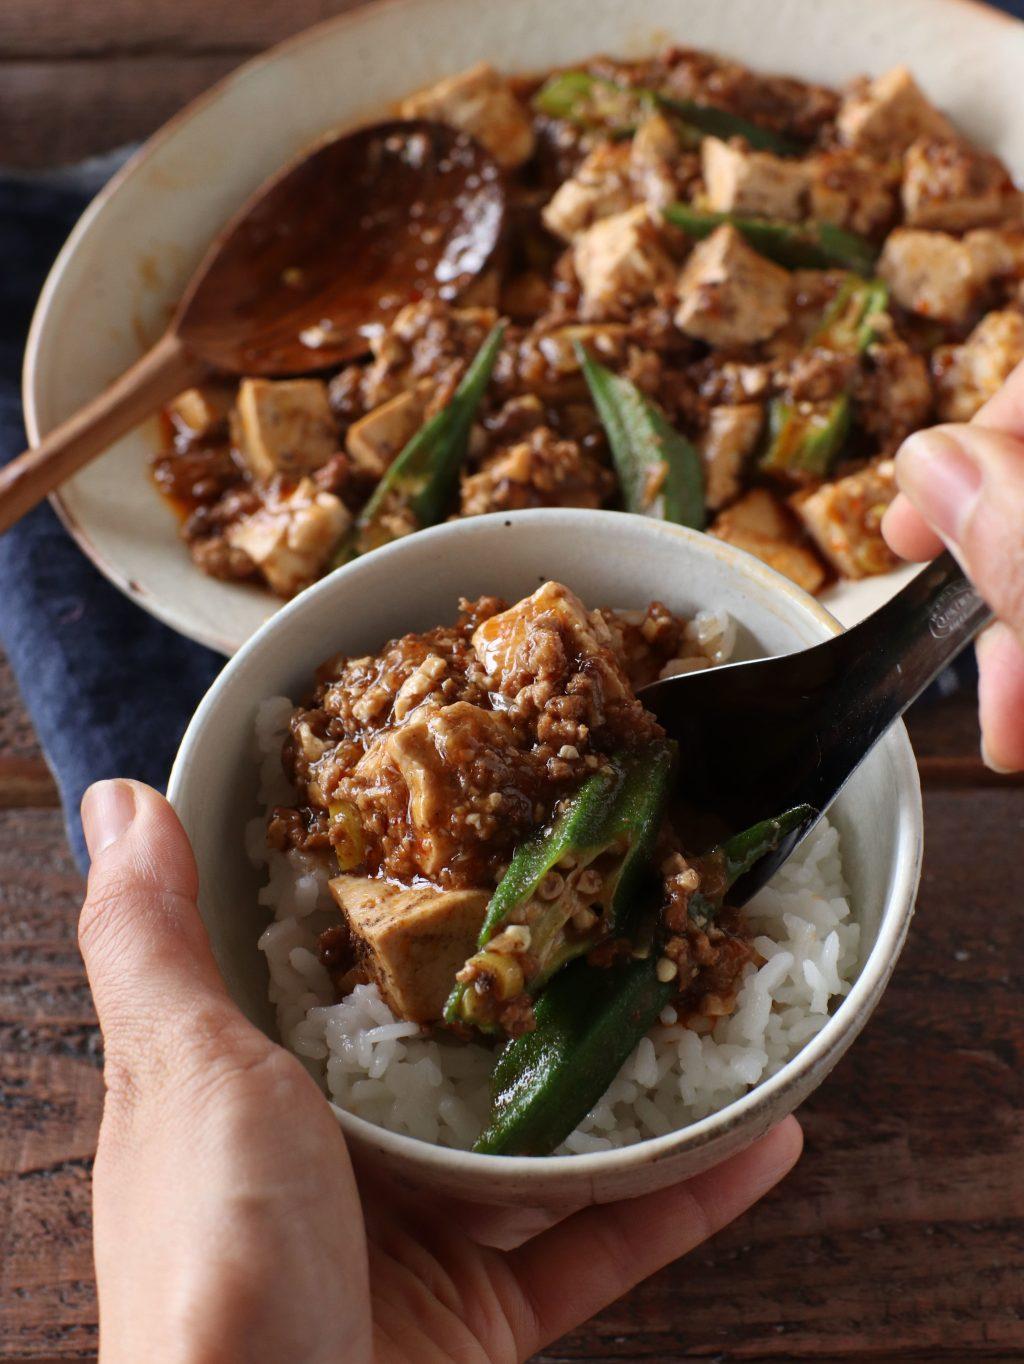 【レシピ】オクラ入り麻婆豆腐